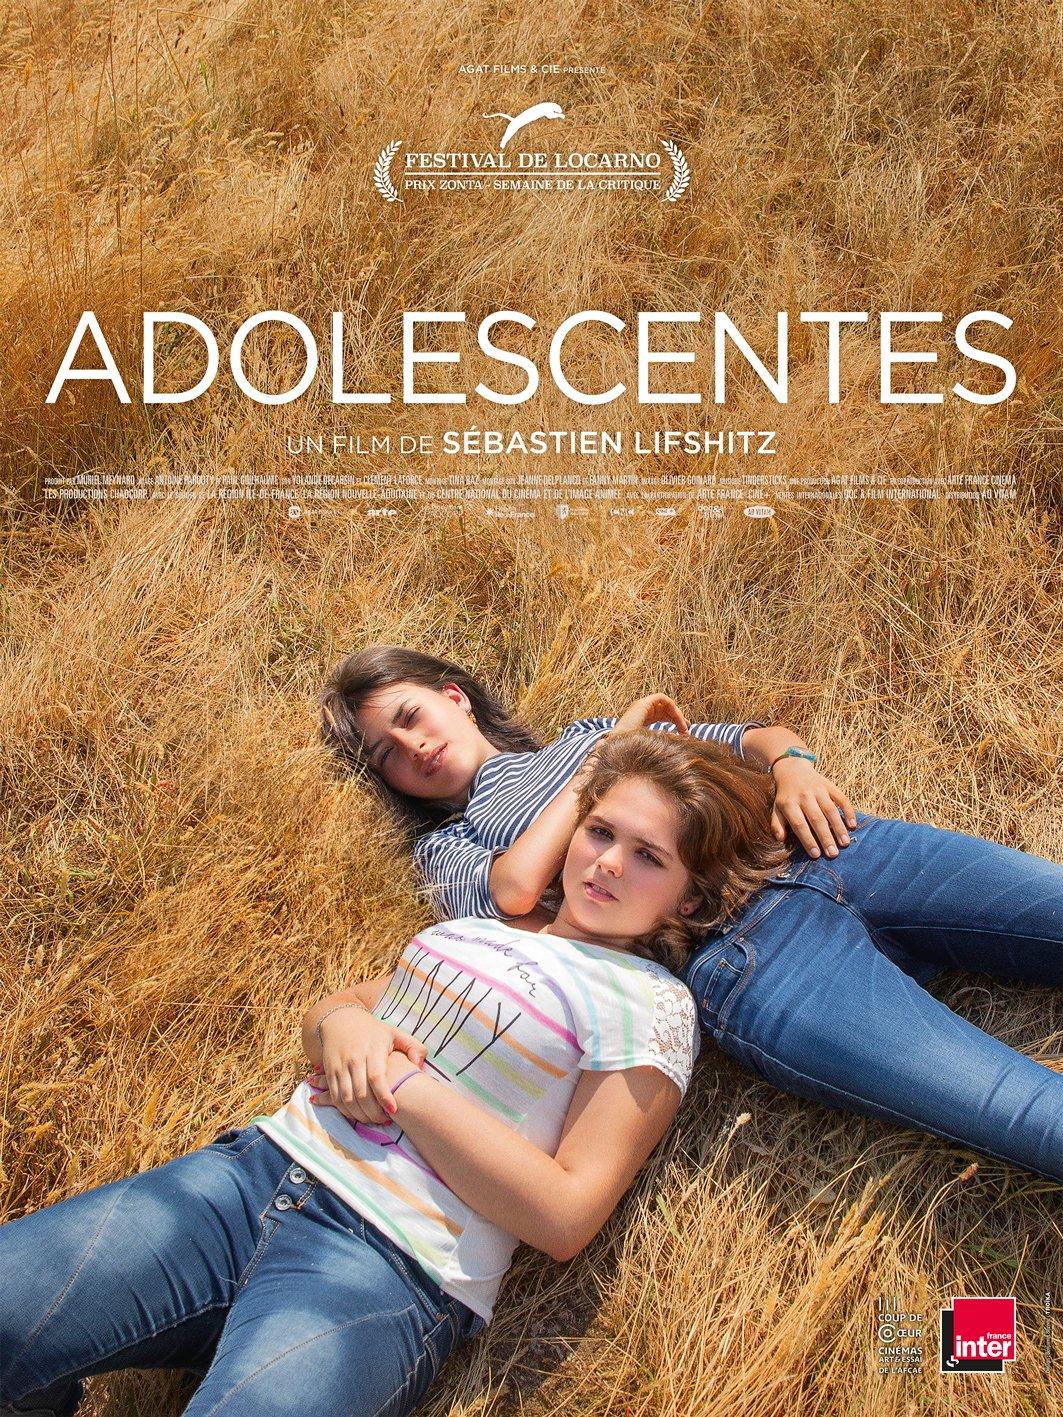 120x160-ADOLESCENTES-14_02-Web